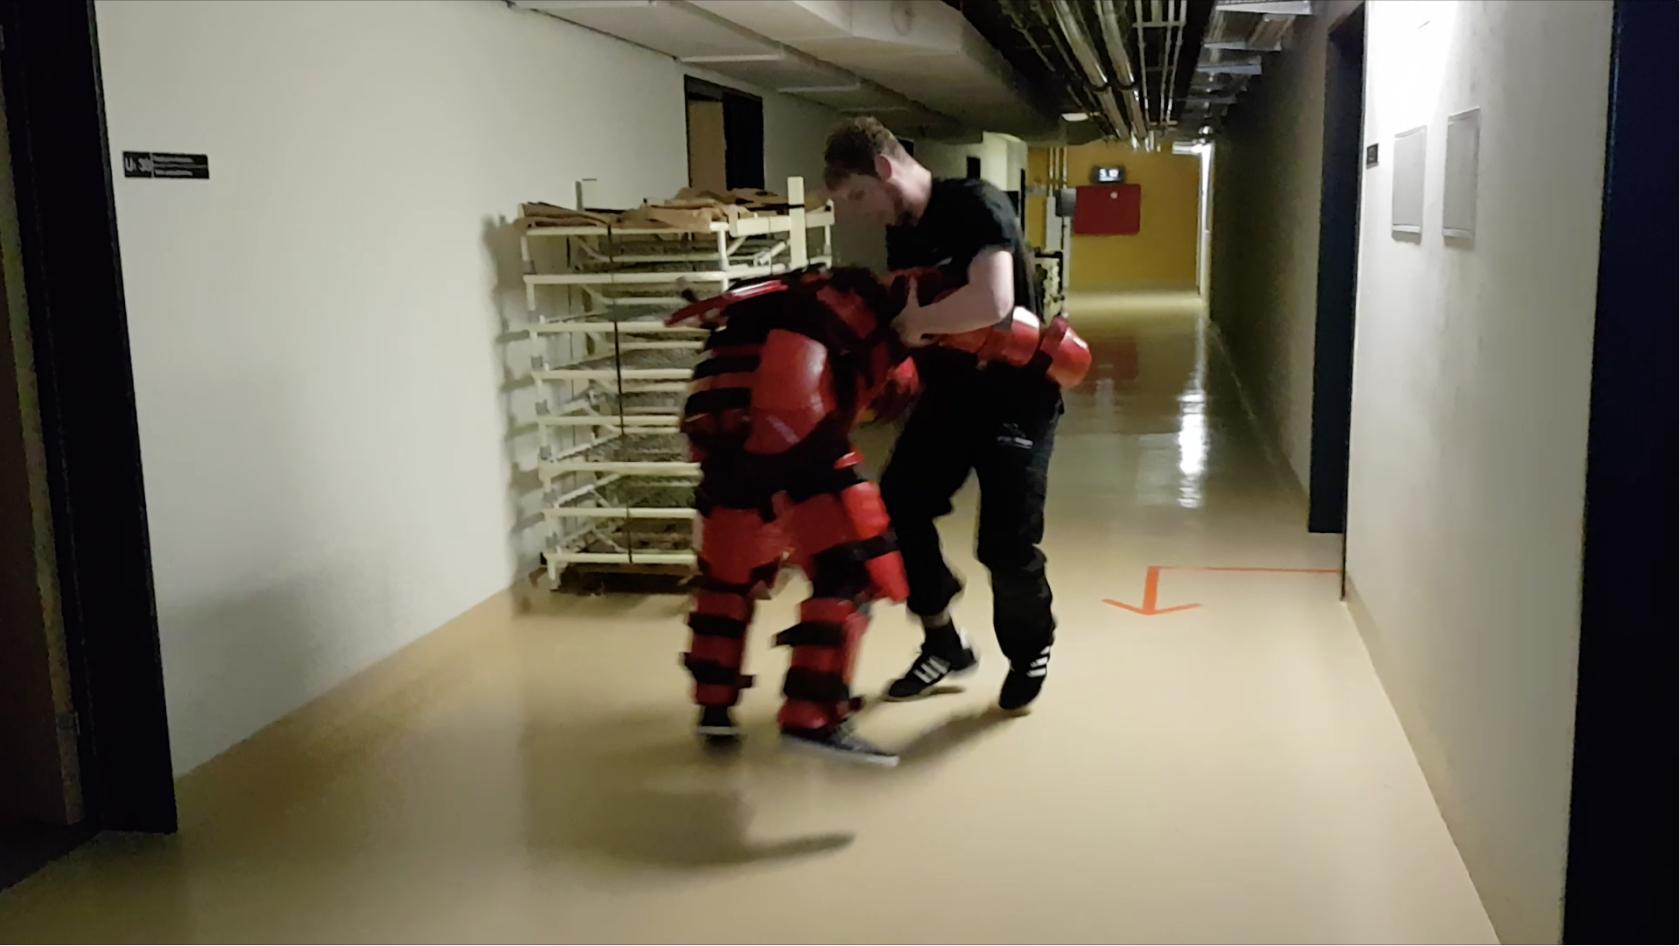 Angreifer in der Red Man-Rüstung: eines von zahlreichen Szenarien aus dem Stress-Parcours 2017 von Krav Maga Linth, Glarus